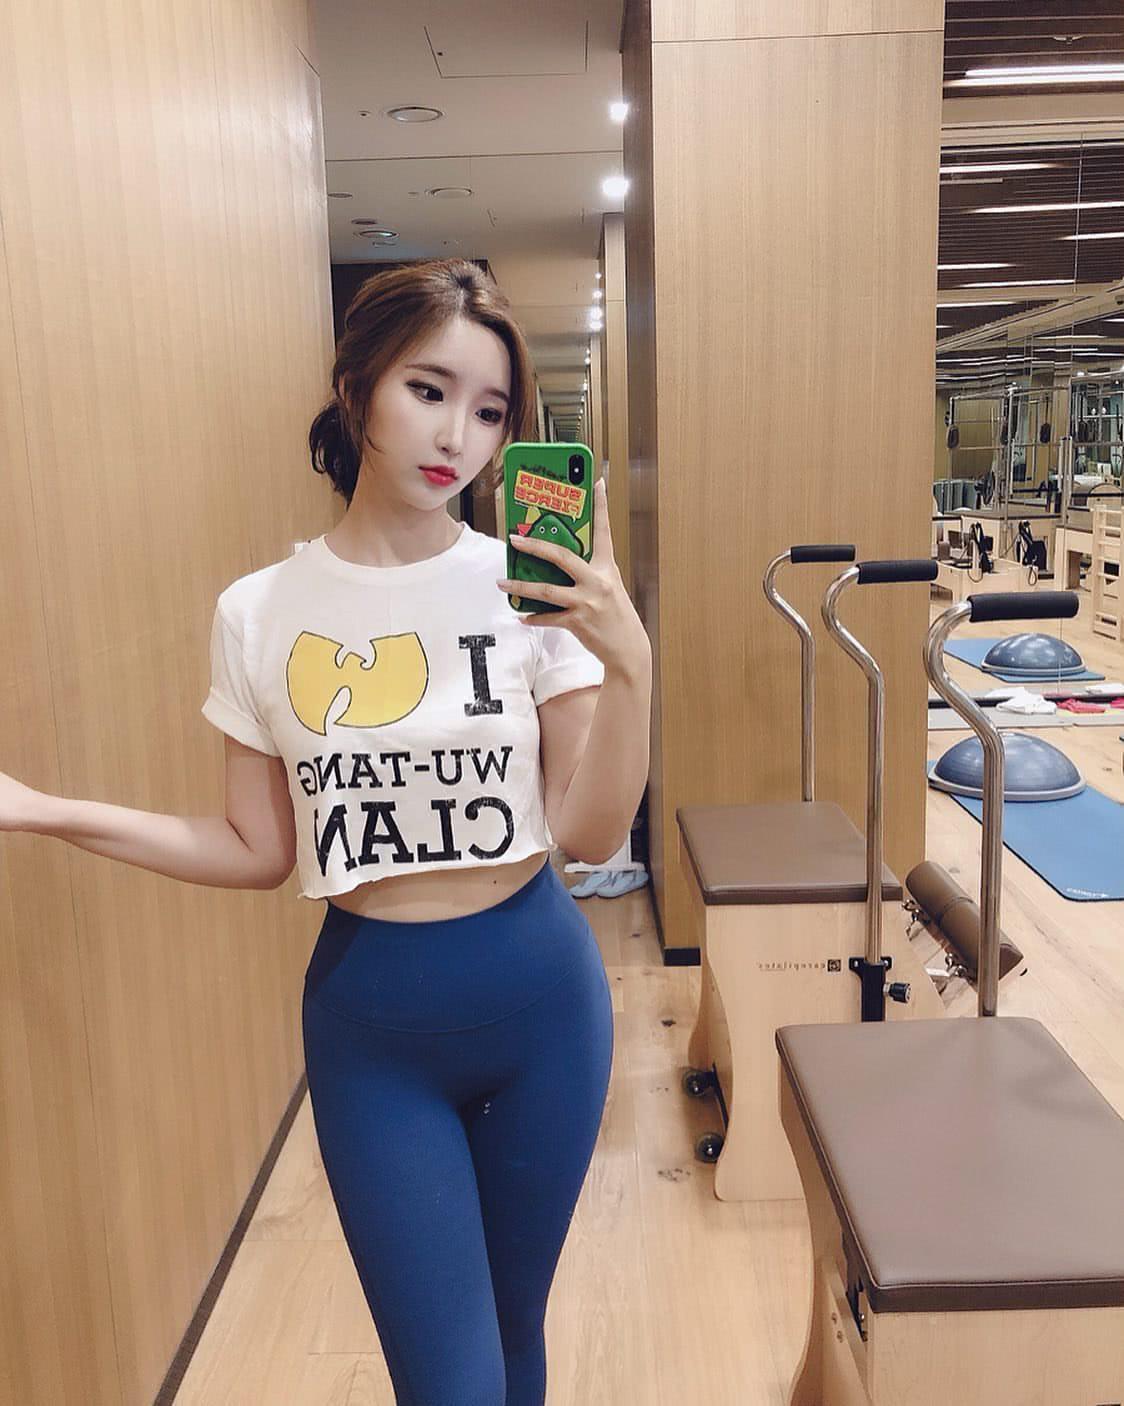 愛運動健身的活力女孩,從不控制飲食,身材依然緊致有曲線